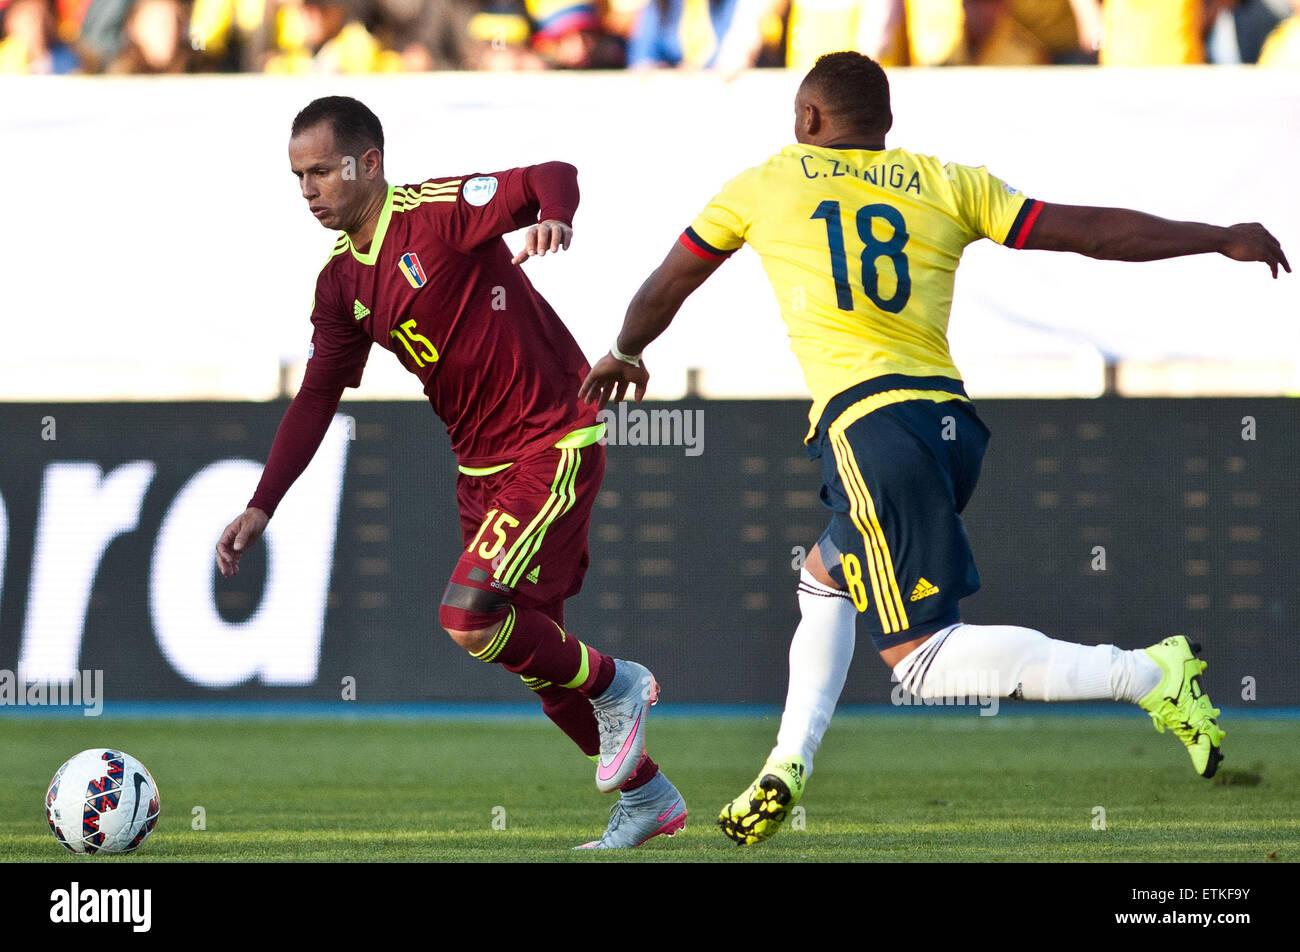 Rancagua Chile 14th June 2015 Colombia s Juan Zuniga R vies